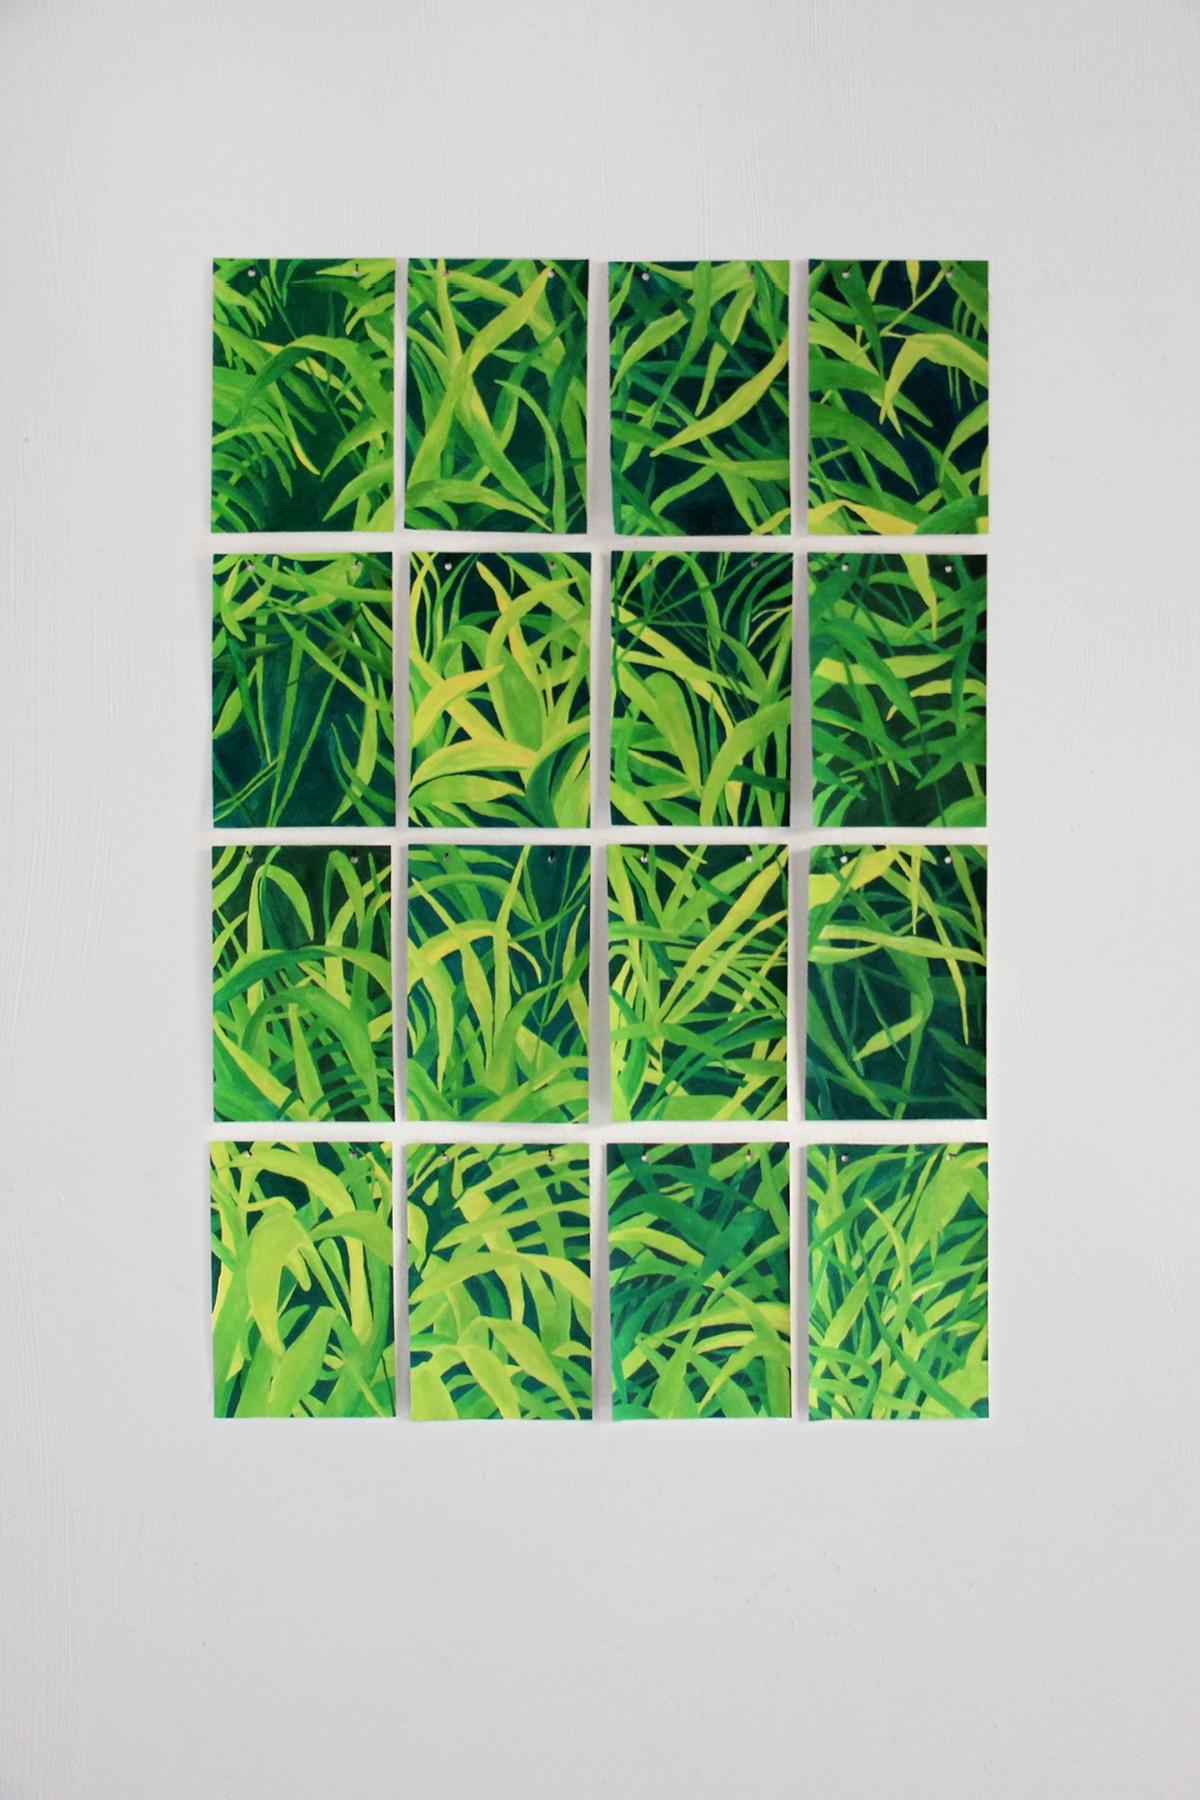 Barbara Baroncini, È l'immagine che ho dentro, 2016, tempera su carta, 14 x 21 cm. ciascuno (16 pezzi); Per non essere banali, 2015, incisione su lastra di zinco, 10,5 x 15 cm. ciascuno (8 pezzi)